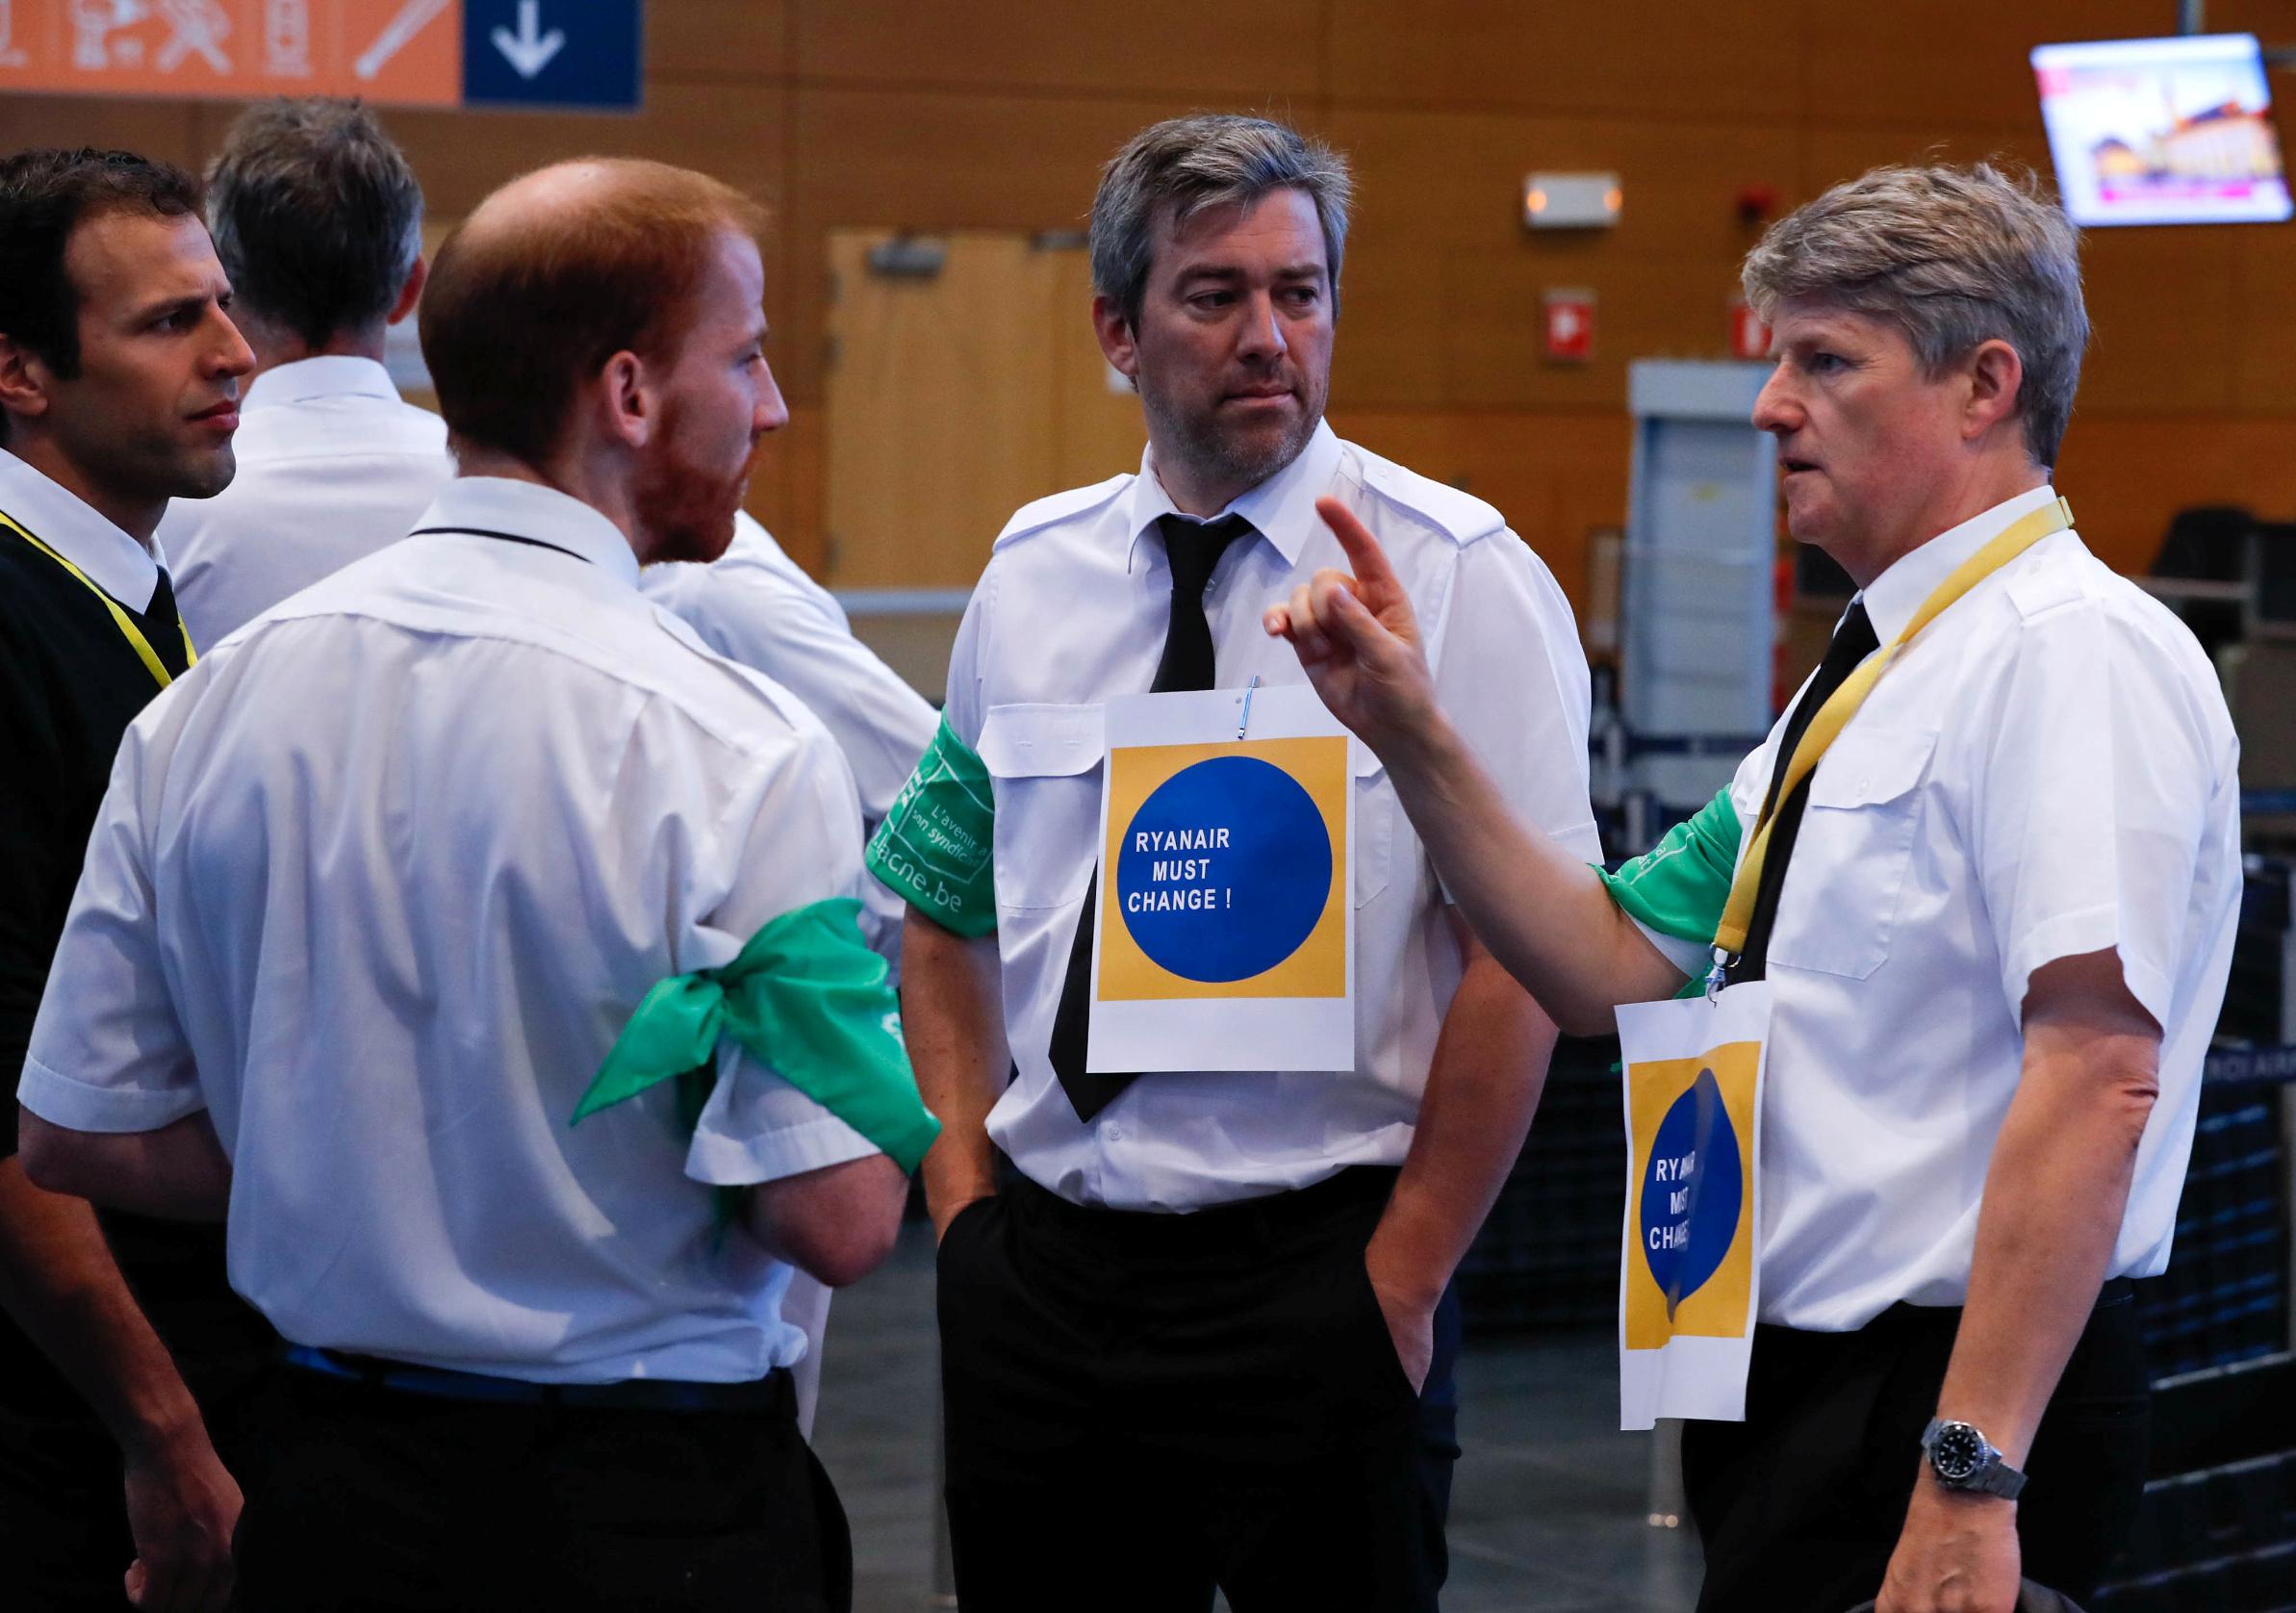 Piloti kompanije Ryanair